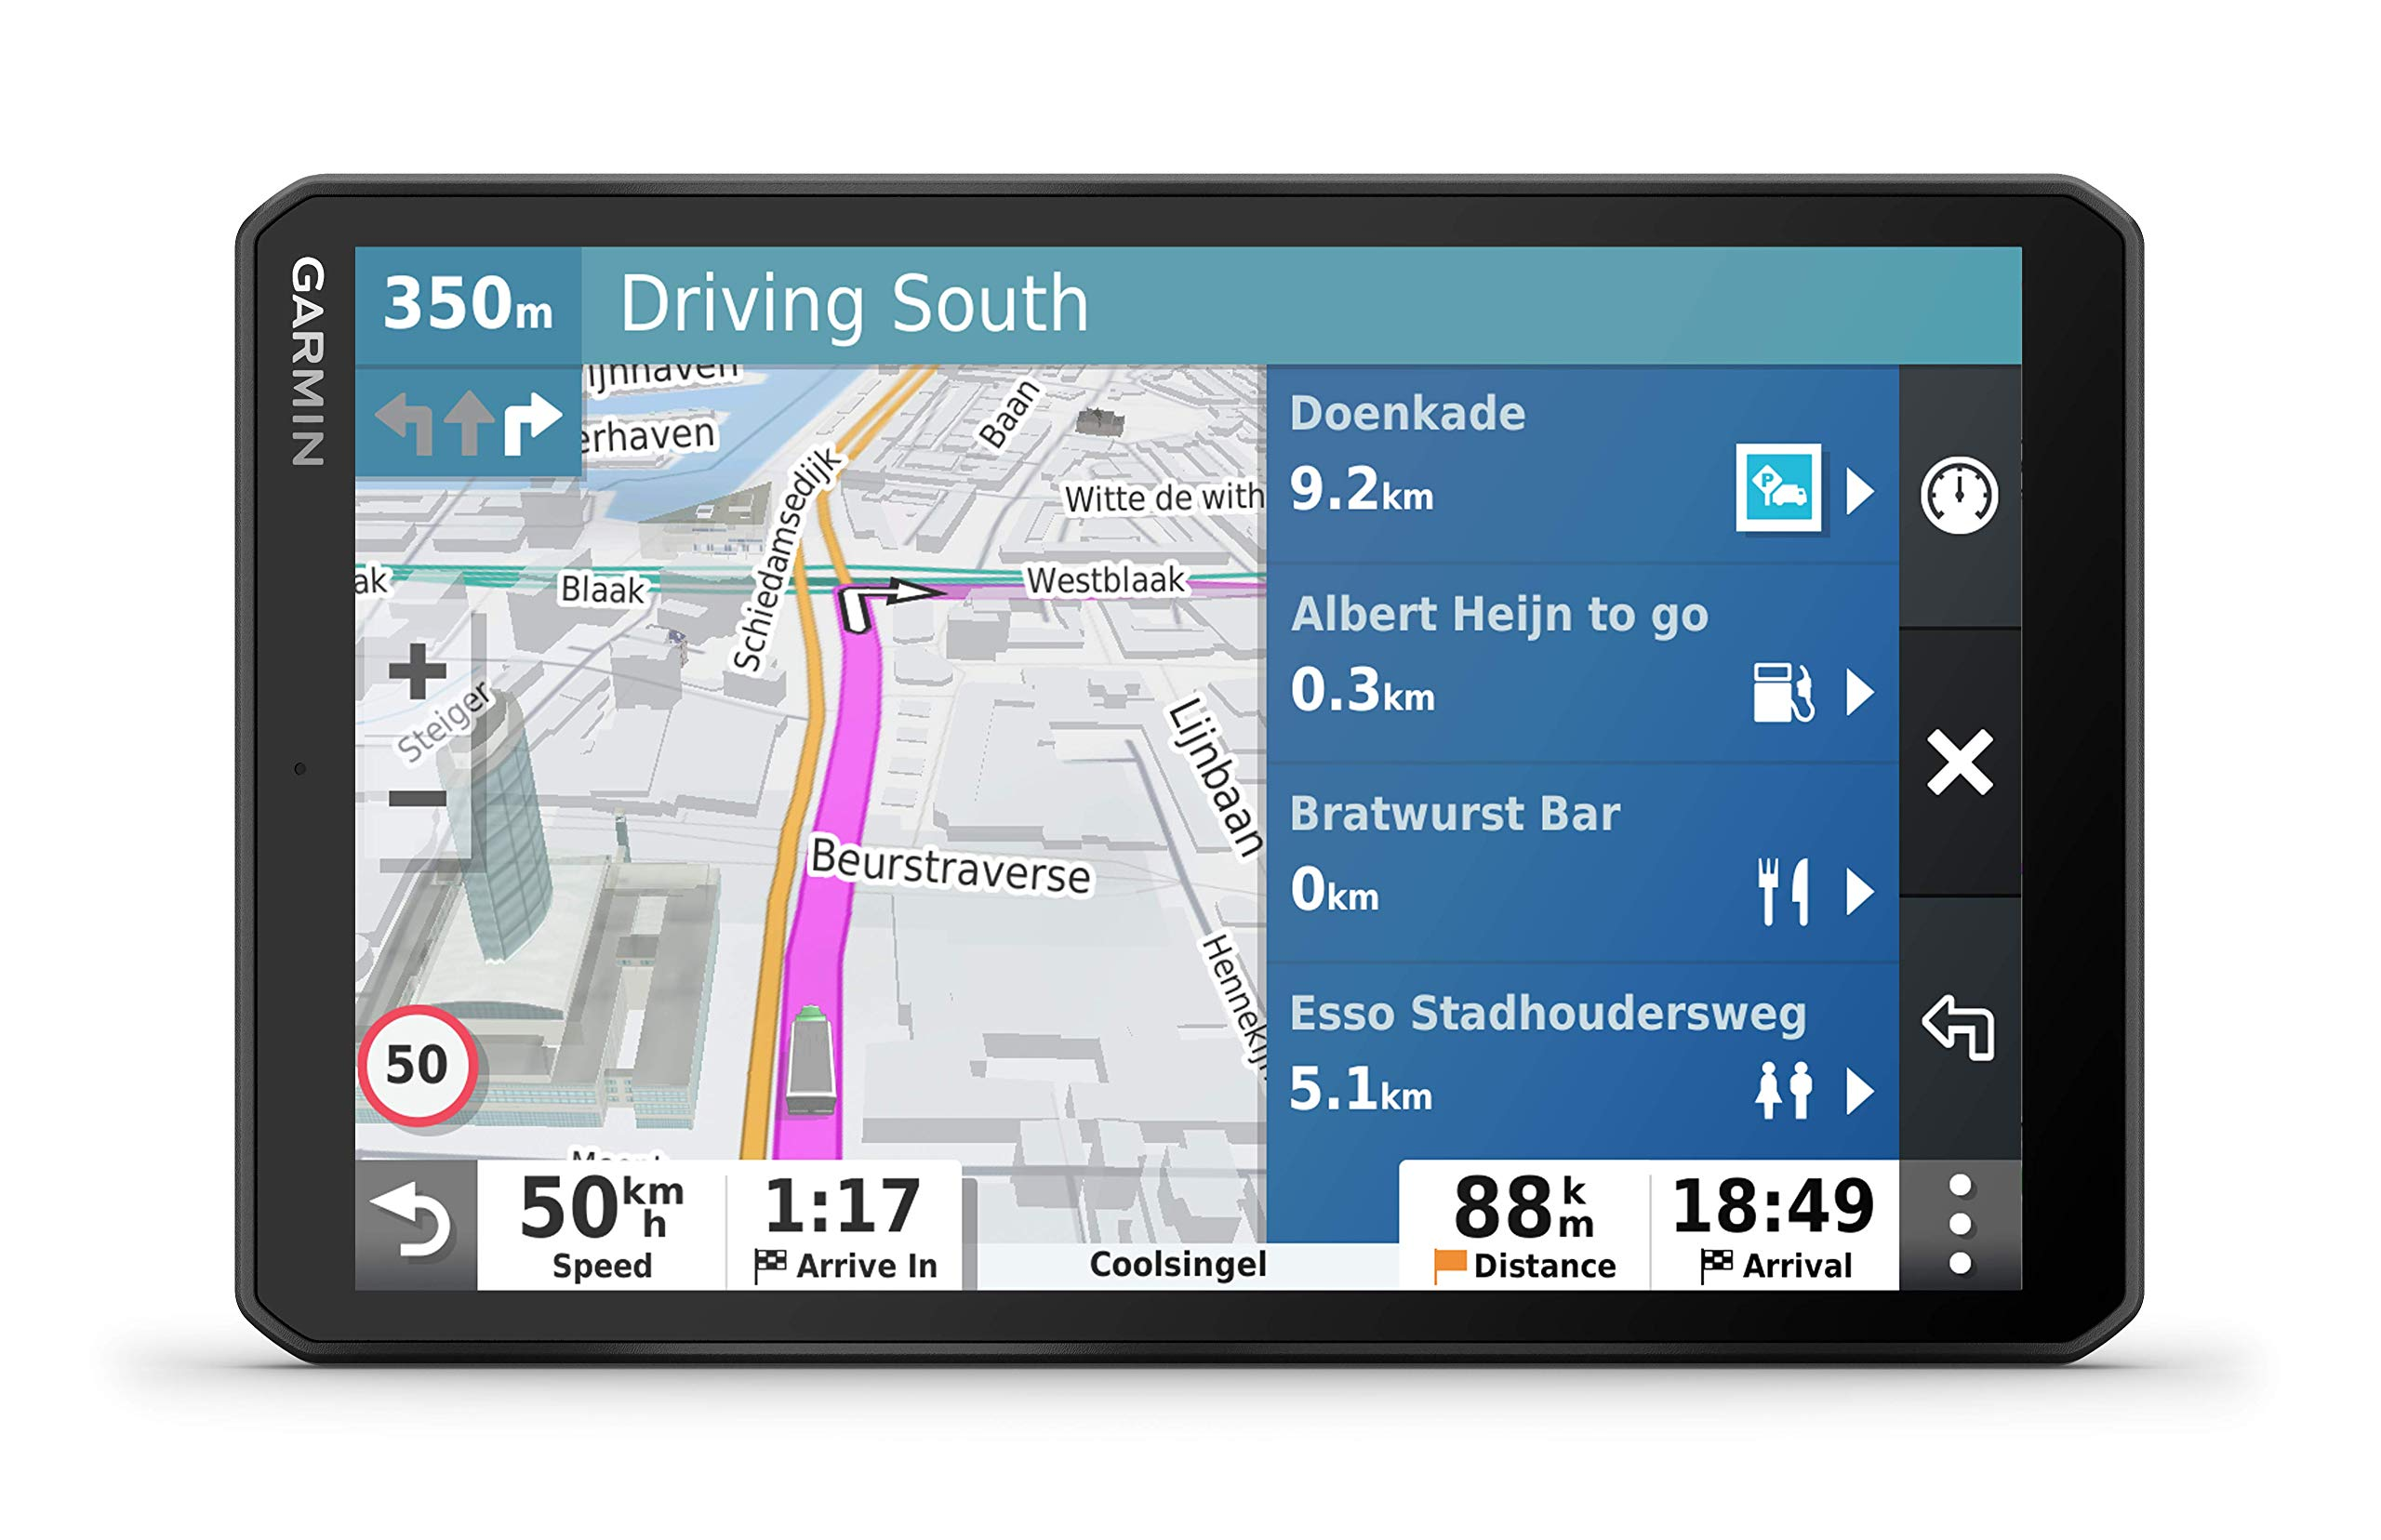 Garmin dēzl LGV 800 MT-S EU - Navegador GPS de 8 Pulgadas para camión (Mapas Europa), Negro: Amazon.es: Electrónica